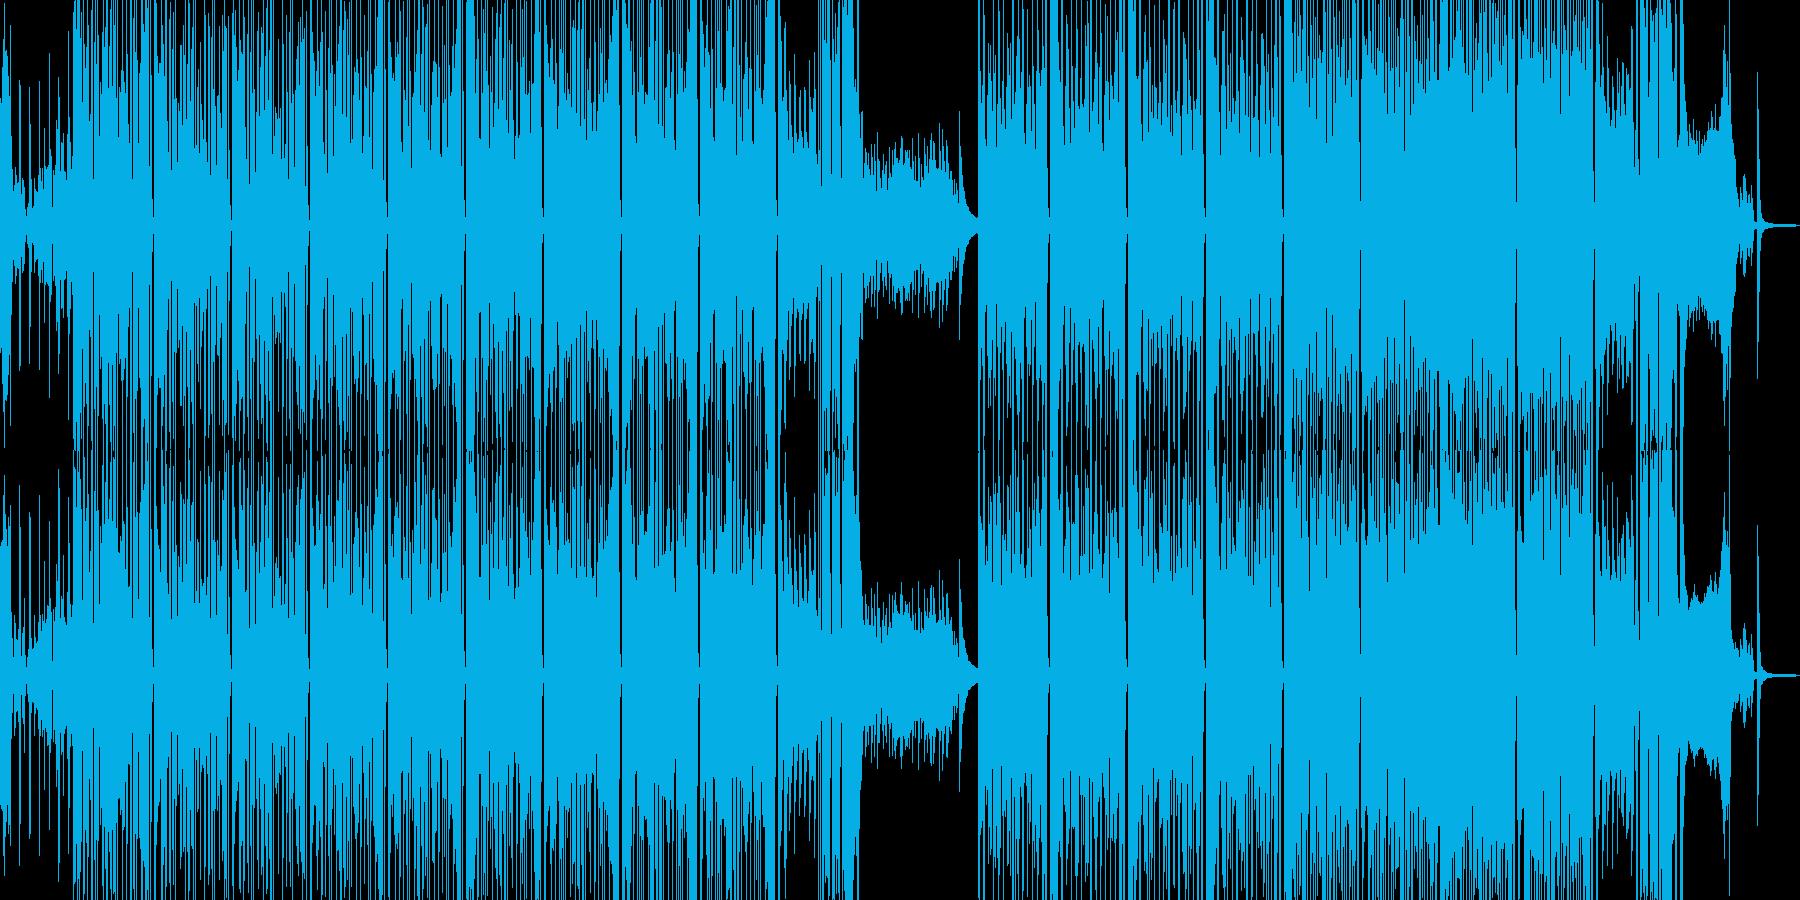 タイム制限クイズ・前半後半でドラムが変化の再生済みの波形